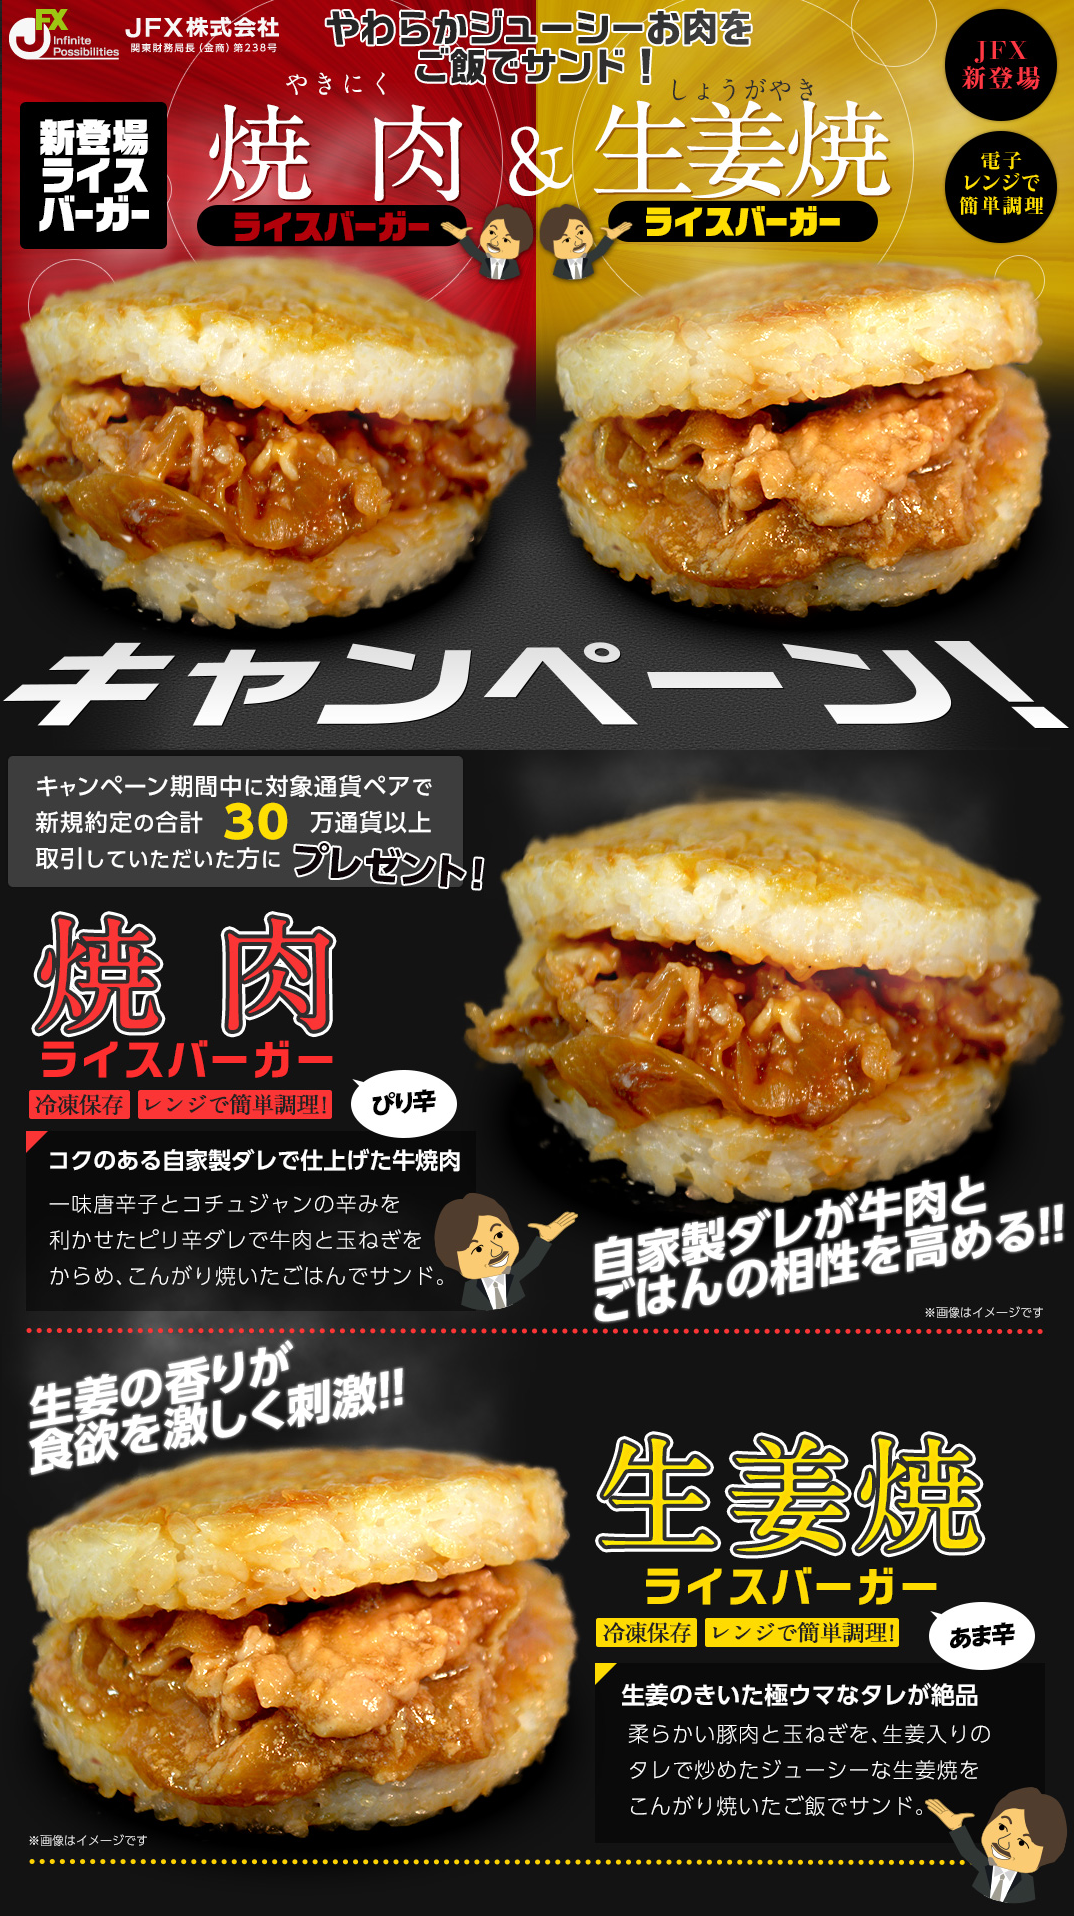 焼肉ライスバーガー&生姜焼きライスバーガーキャンペーン!